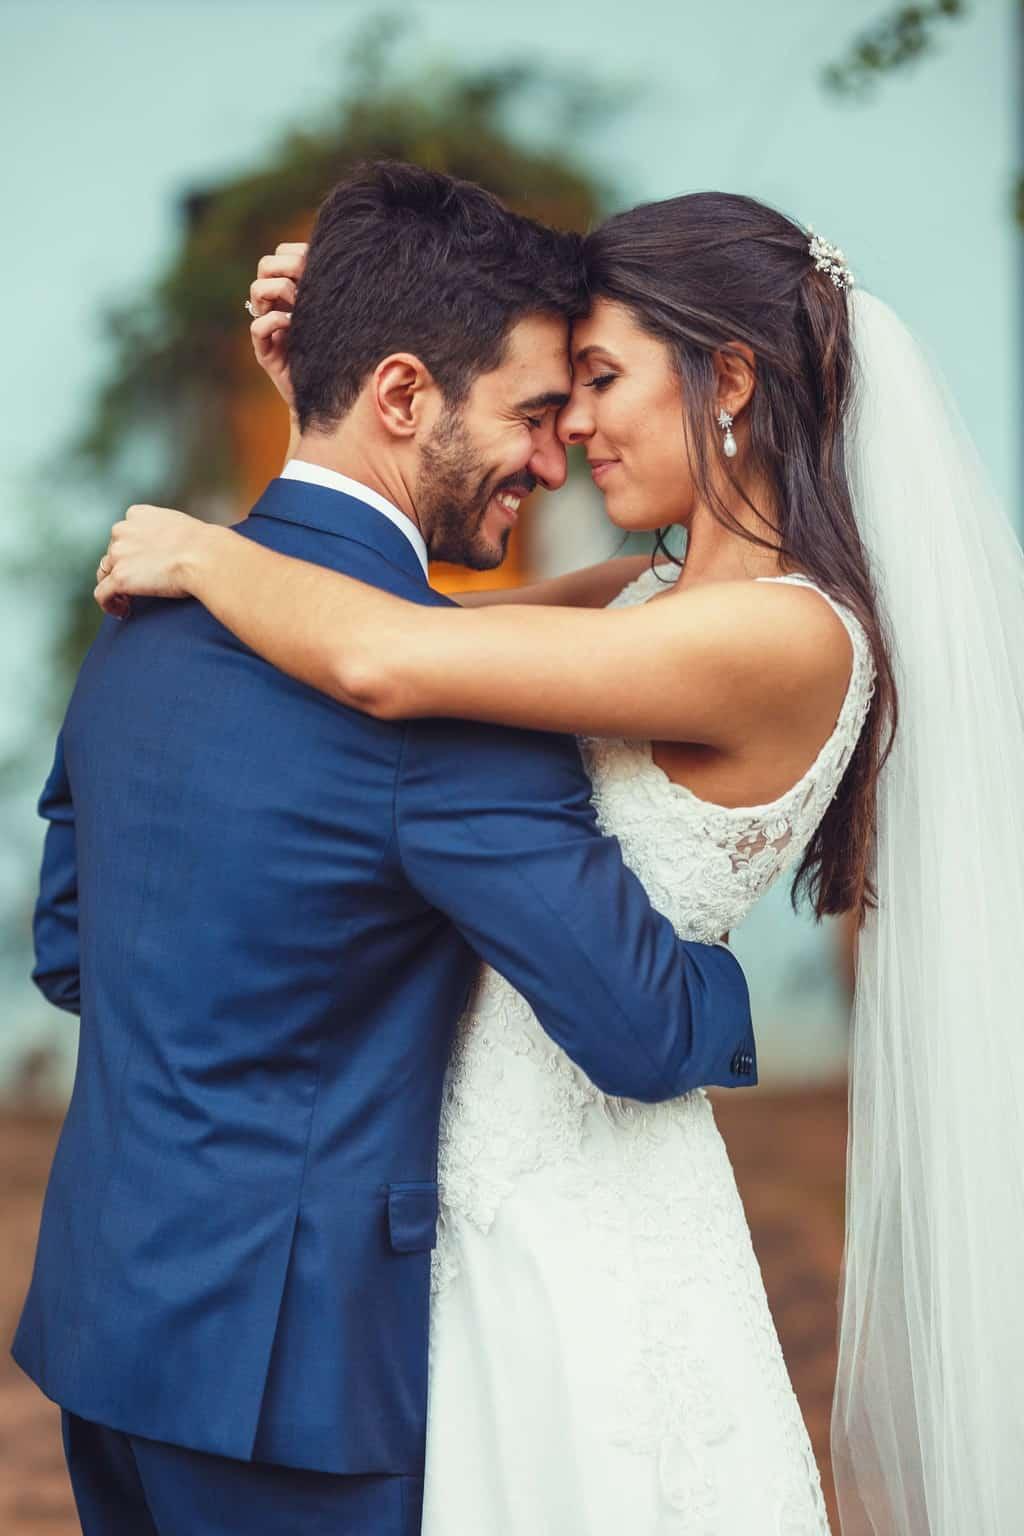 casamento-na-Fazenda-Vila-Rica-cerimonial-Ana-Paula-Tabet-foto-dos-noivos-Fotografia-Euka-Weddings-Renata-e-Gabriel126